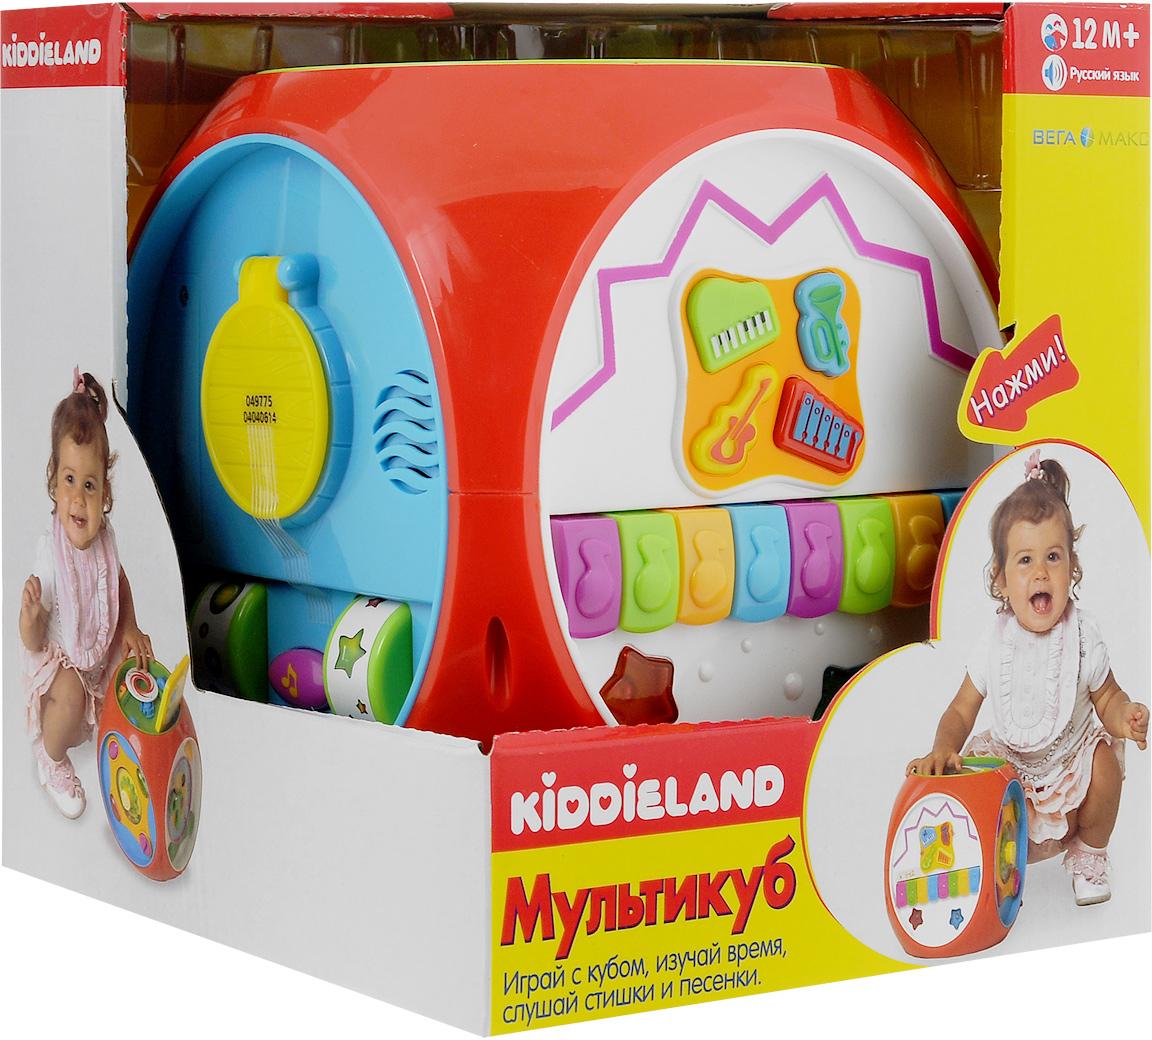 Развивающая музыкальная игрушка Kiddieland Мультикуб kiddieland набор музыкальных инструментов kiddieland